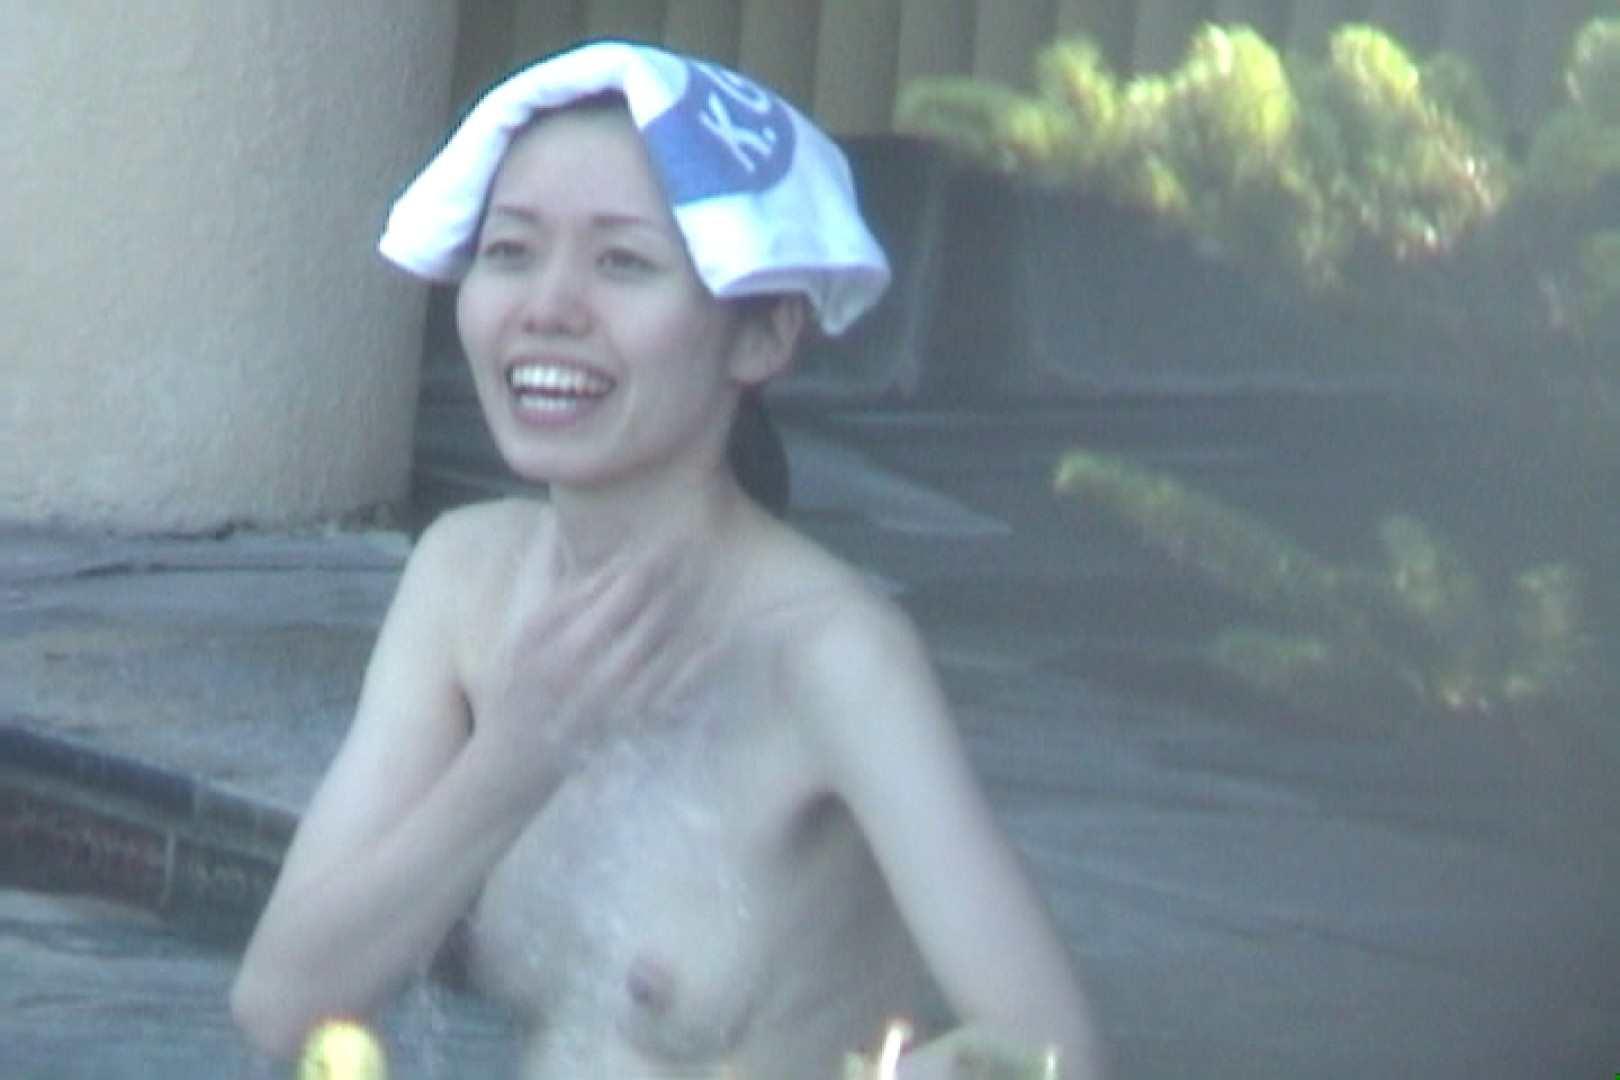 Aquaな露天風呂Vol.576 OLのエロ生活  113連発 81